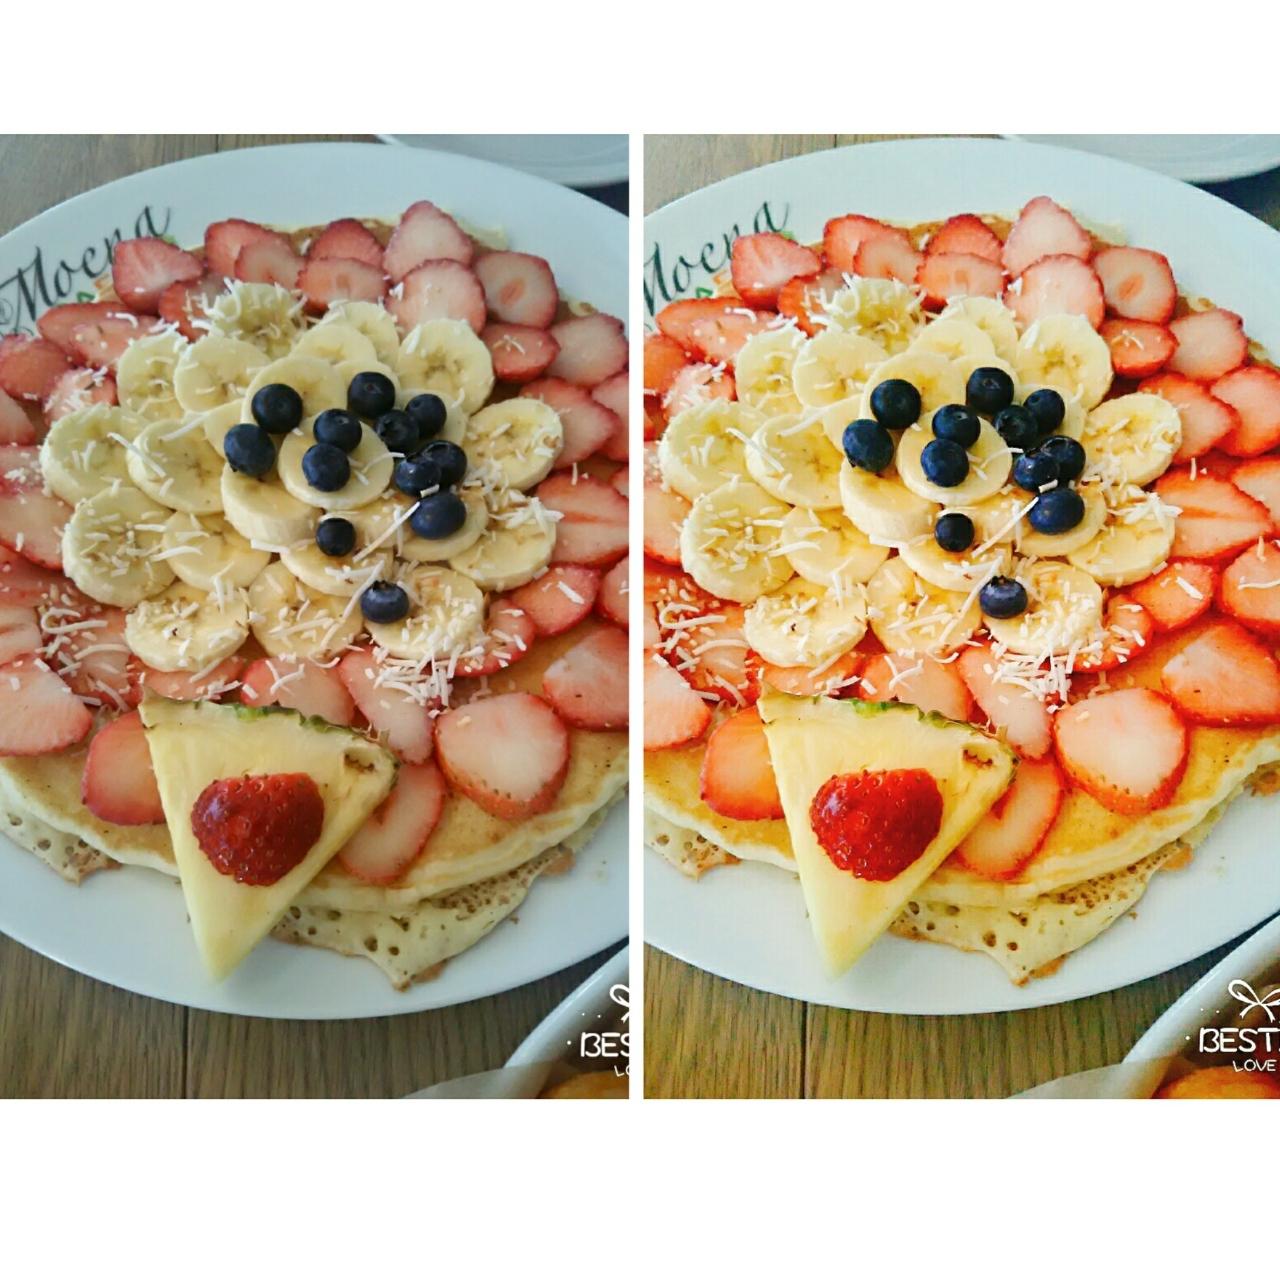 食べ物が美味しく見えるカメラアプリ『Foodie』を使ってみた!☆_1_4